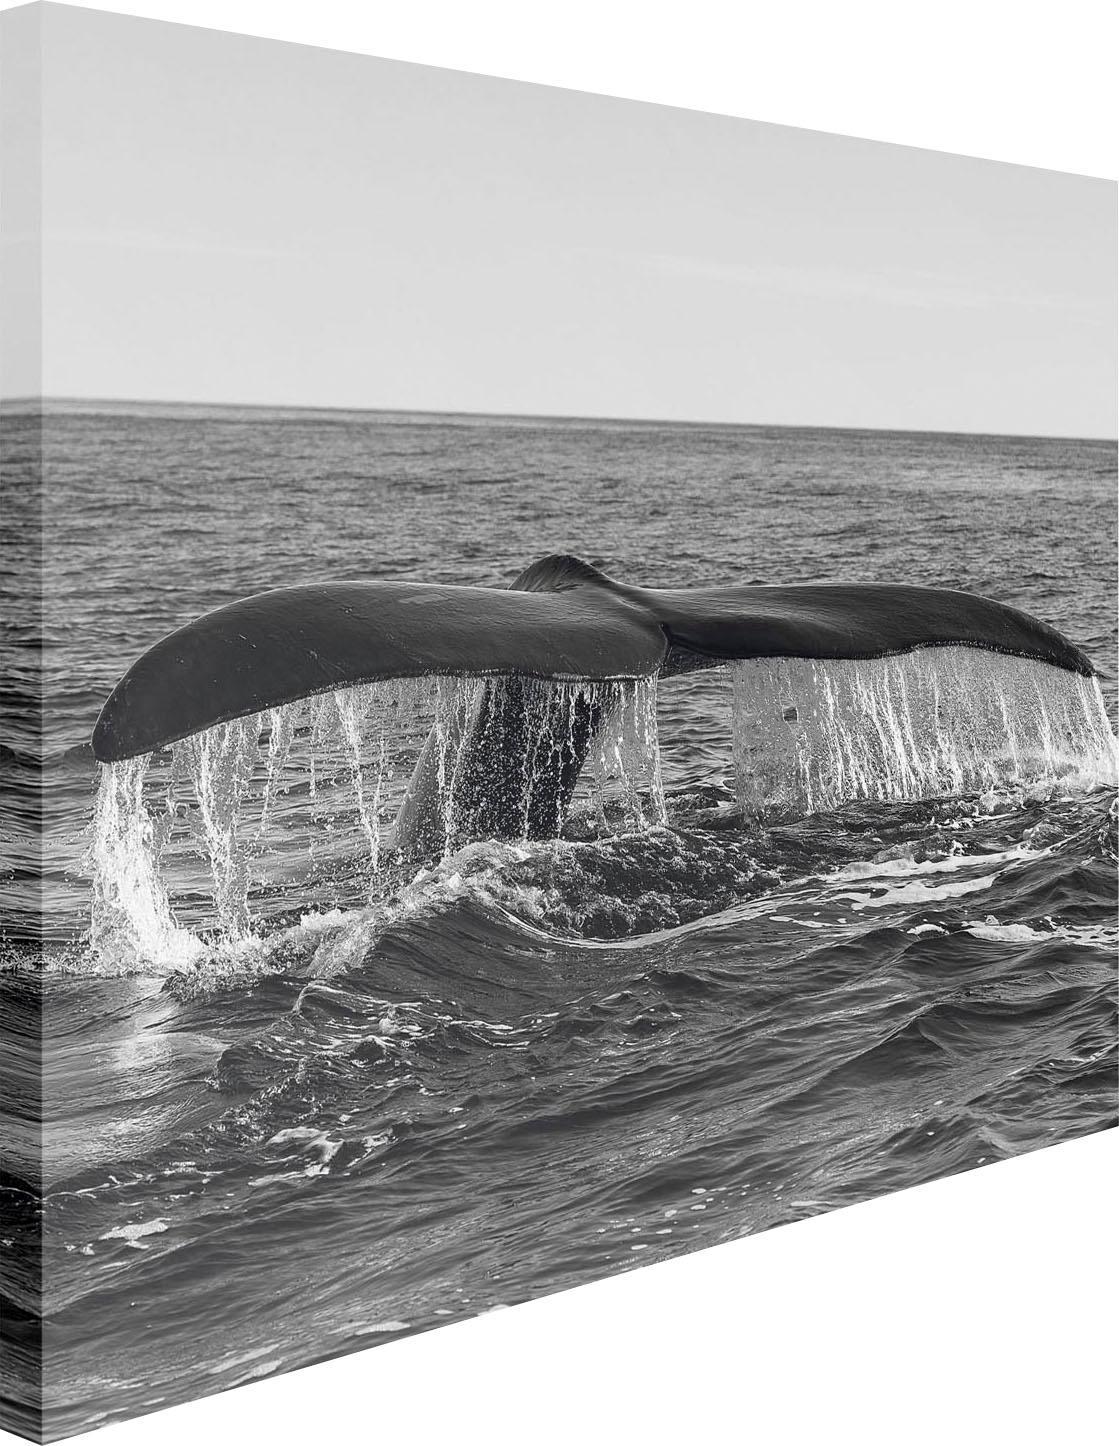 Leinwandbild »Walflosse«, 100/140 cm